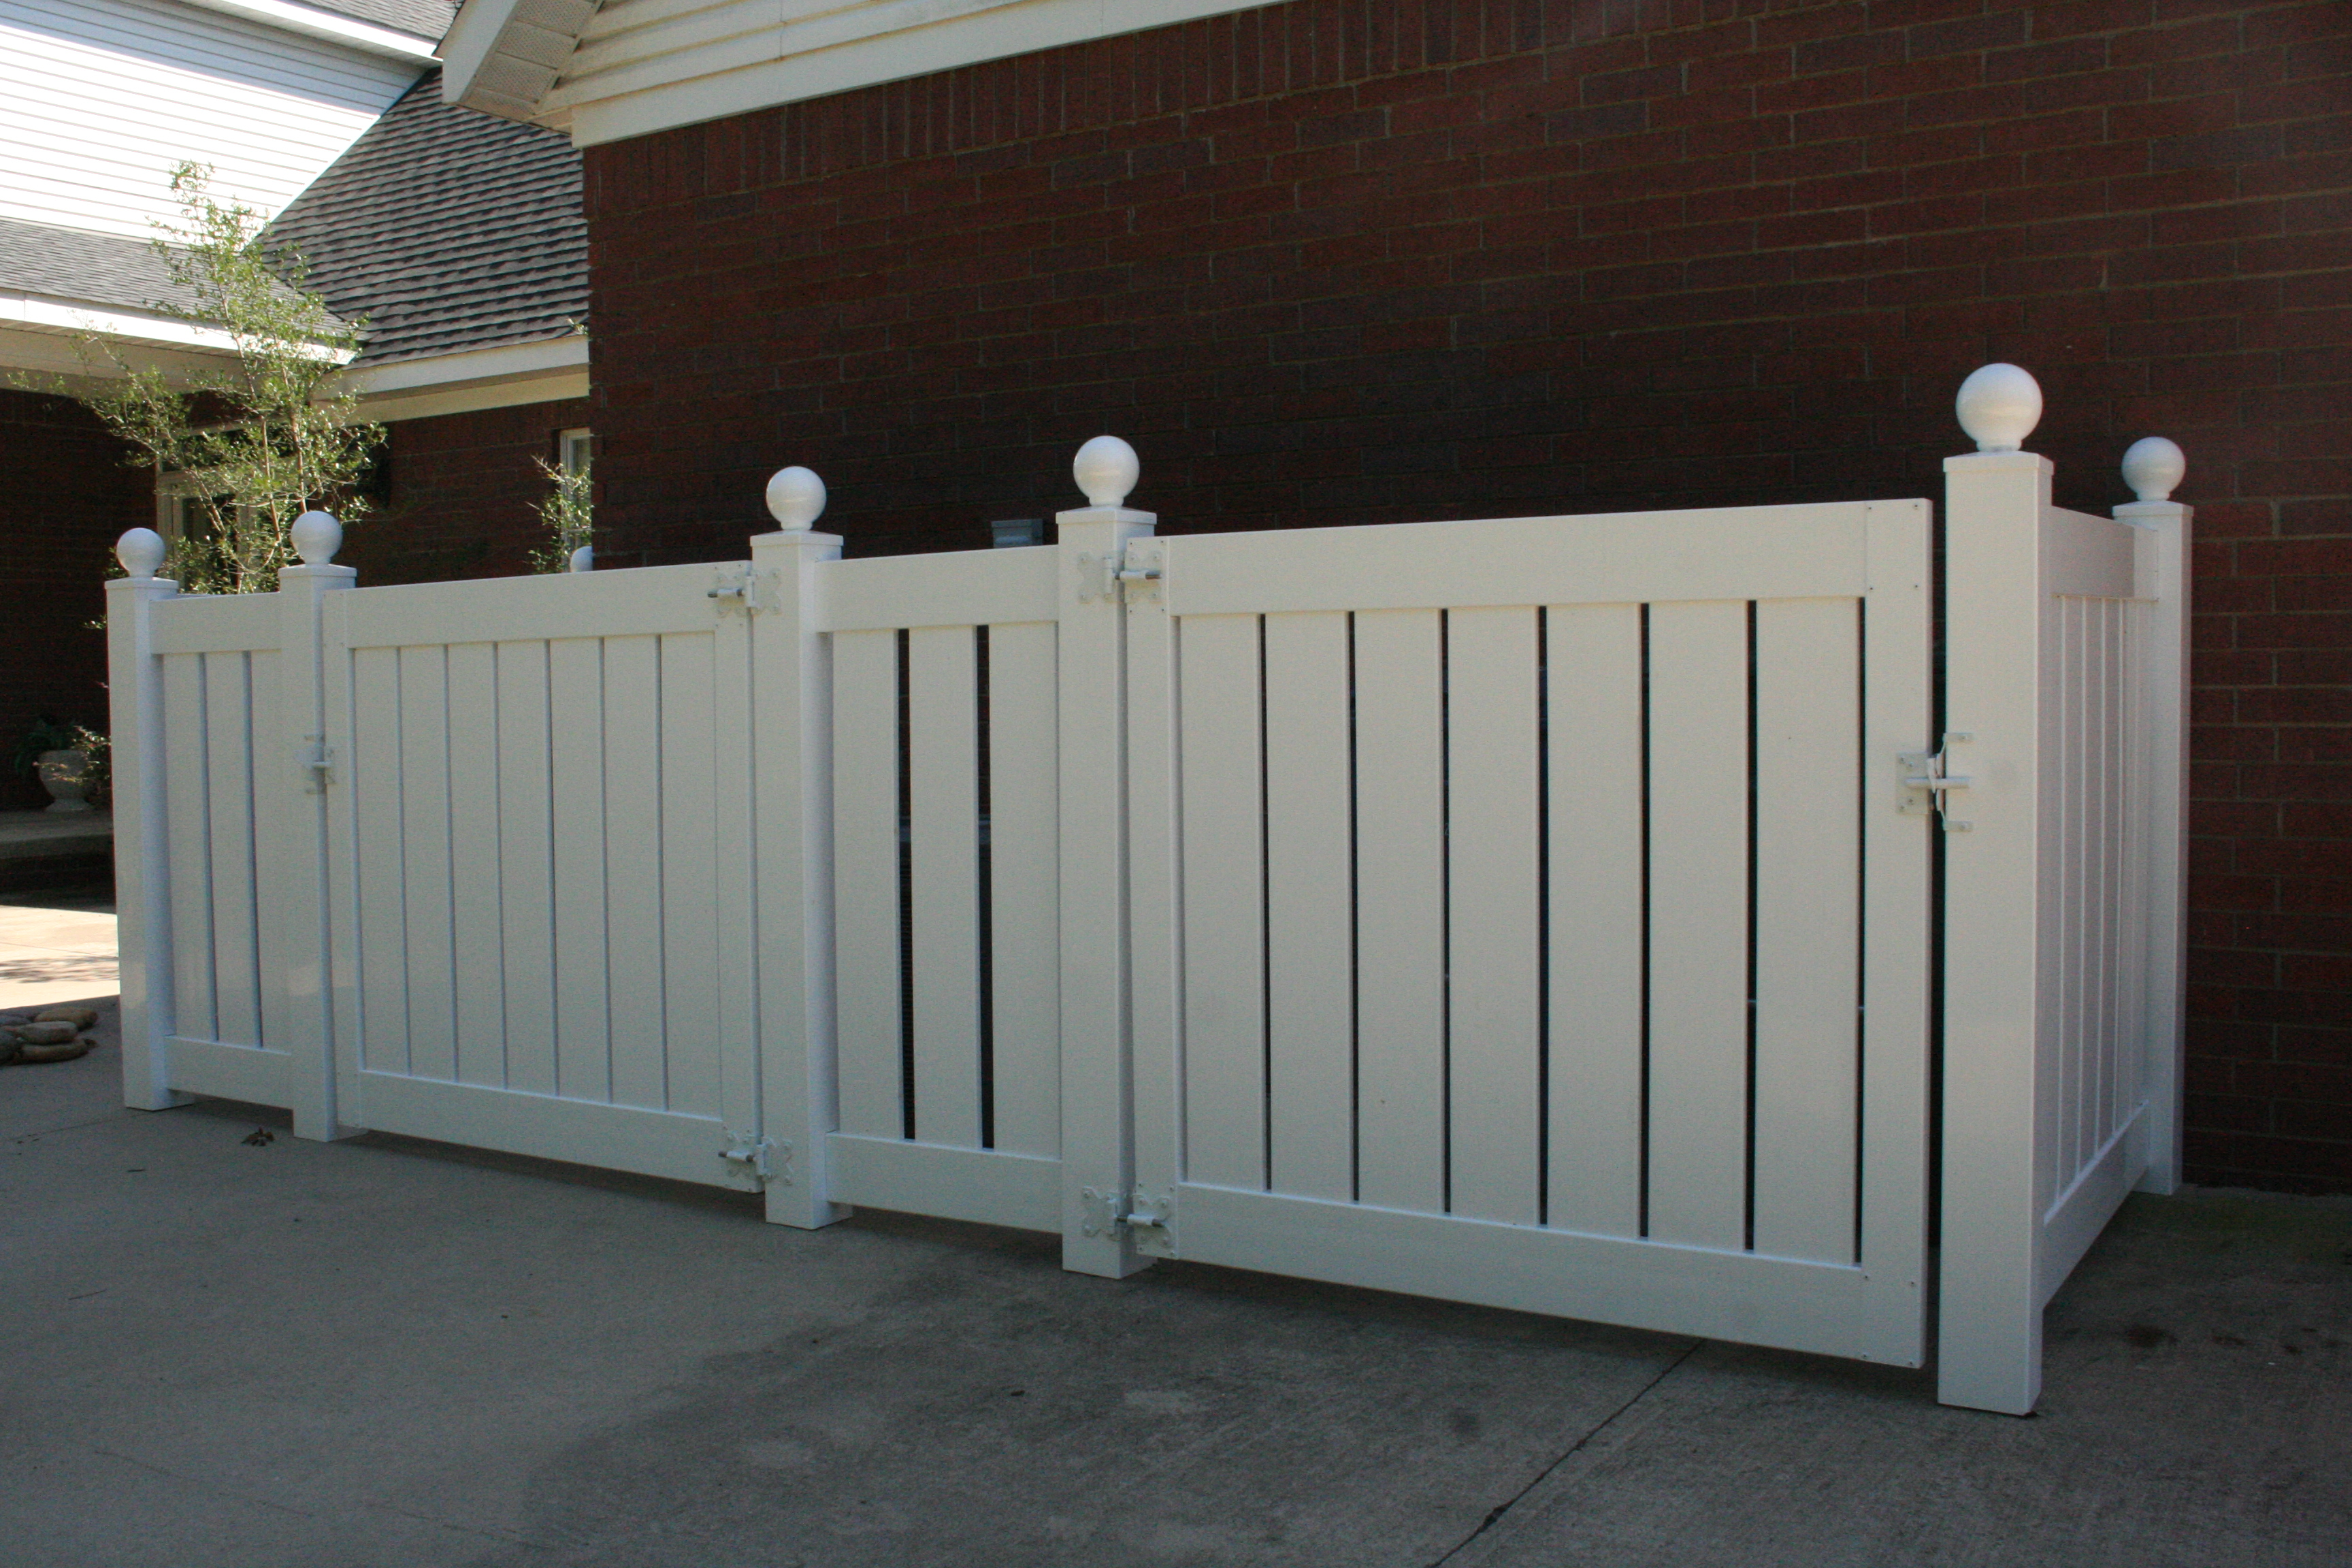 Vinyl fencing legacy fencing conway ar vinyl fencing styles 5 semi privacy enclosure baanklon Choice Image